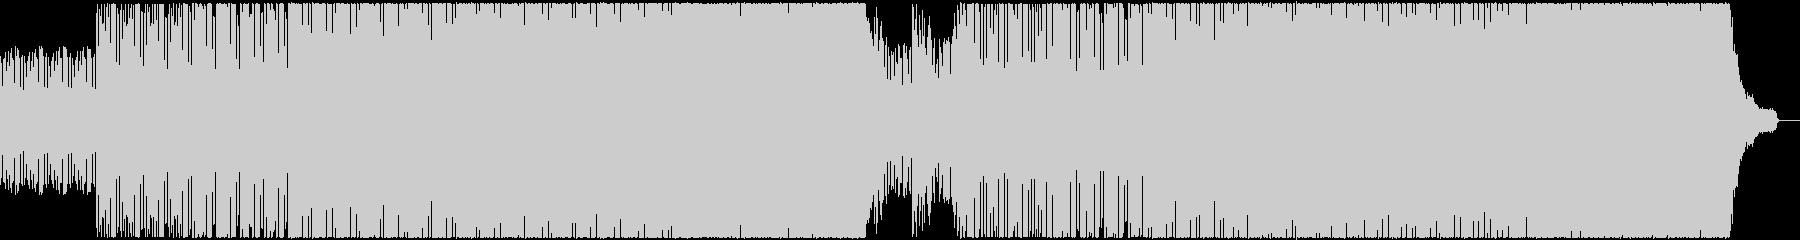 ピアノの機械的な曲の未再生の波形